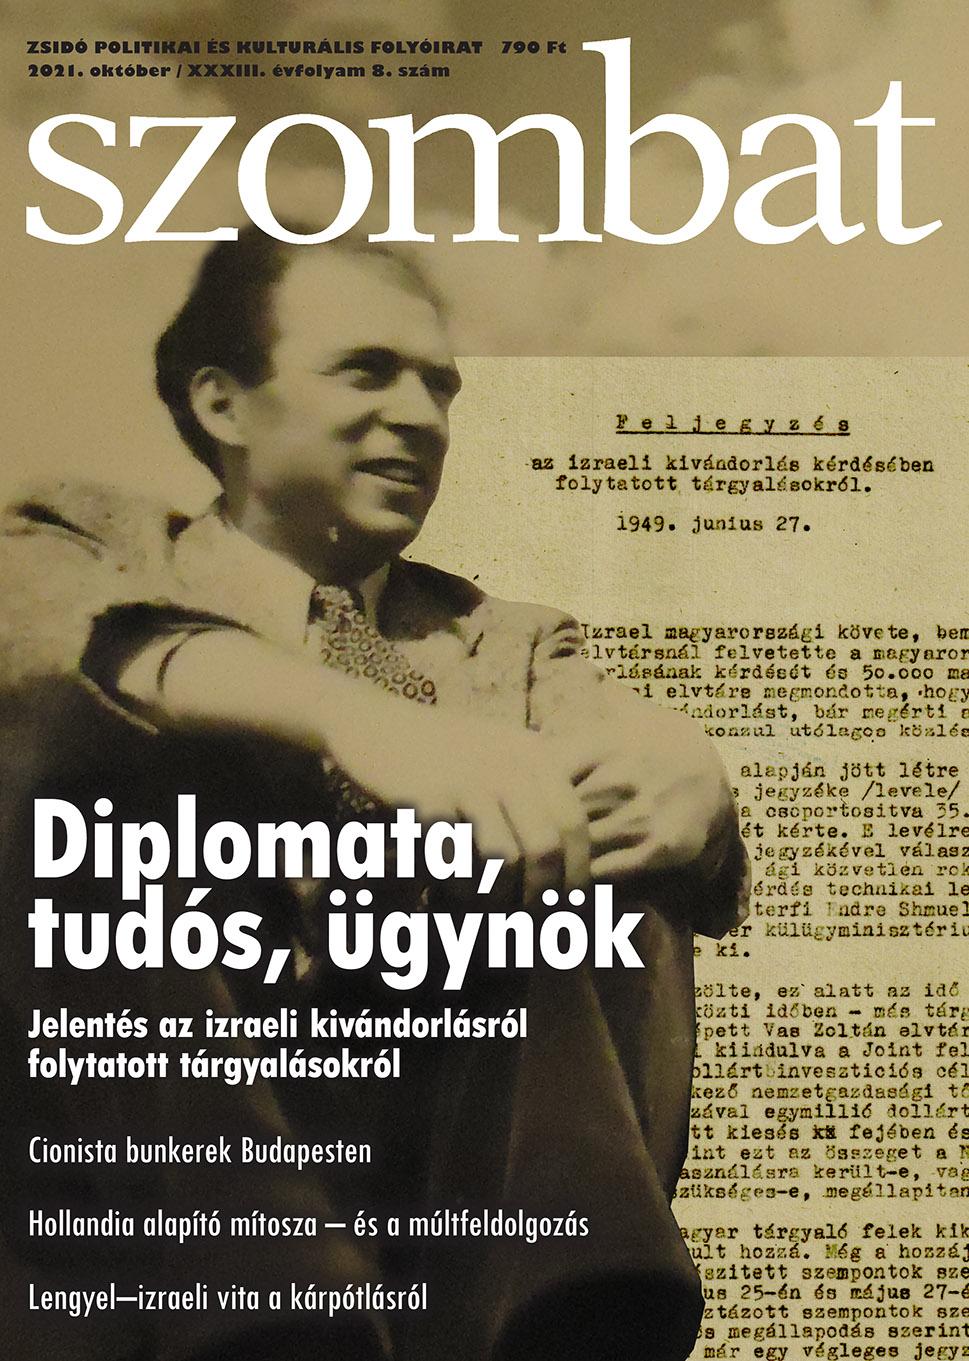 Megjelent a Szombat októberi száma! | Szombat Online